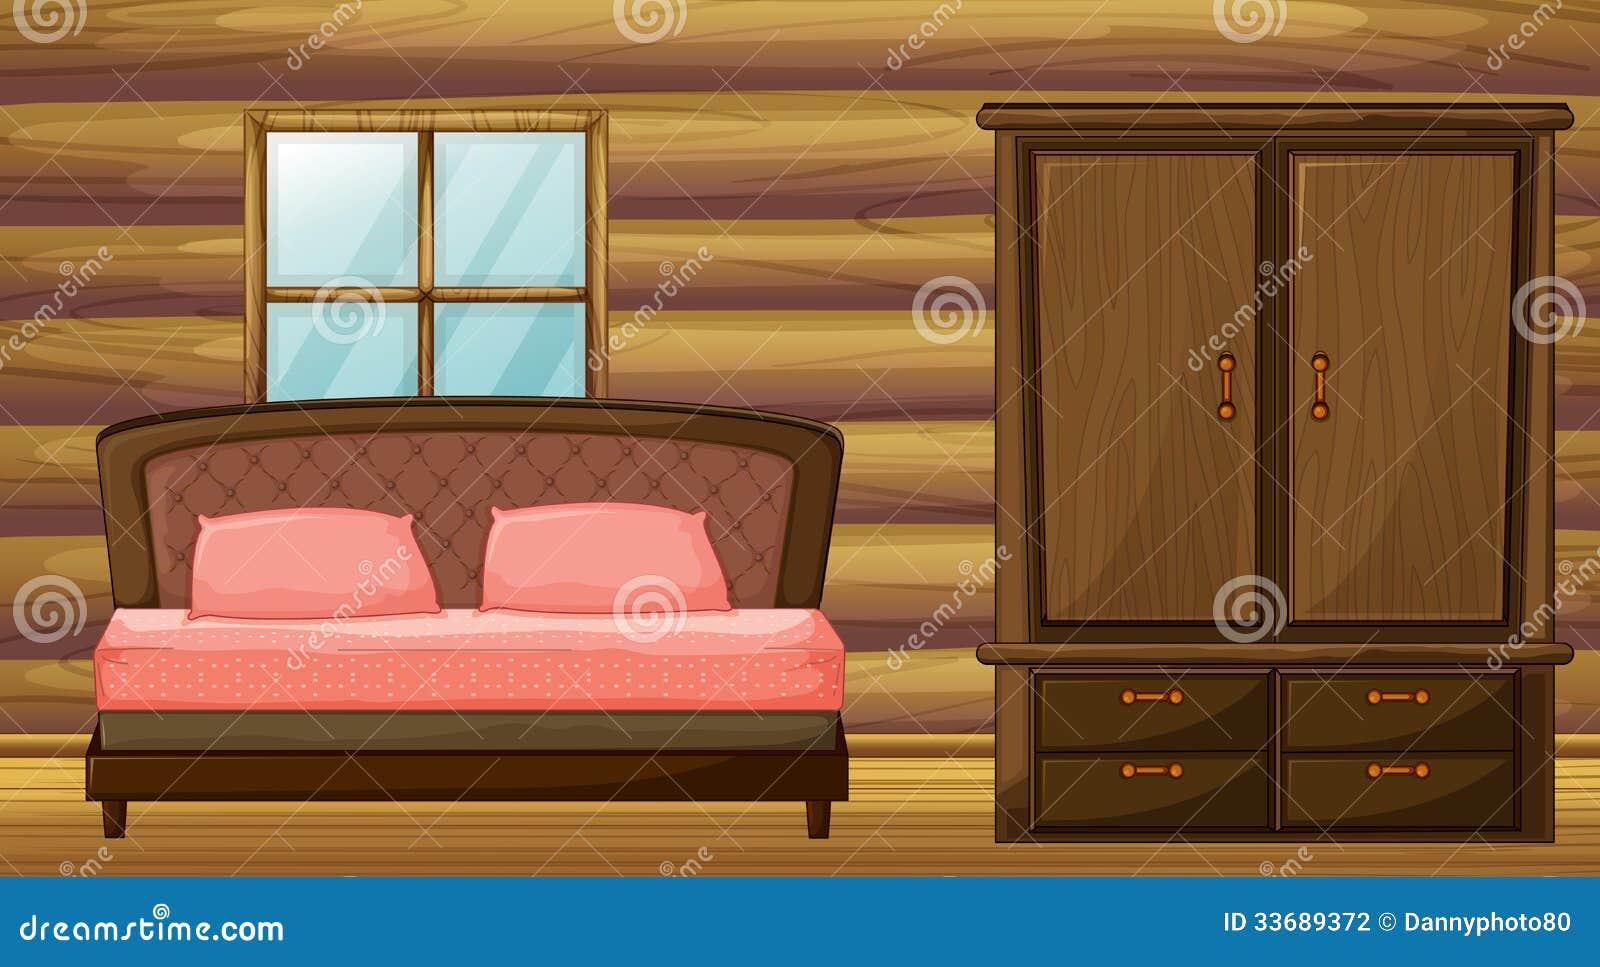 Απεικόνιση ενός κρεβατιού και μια